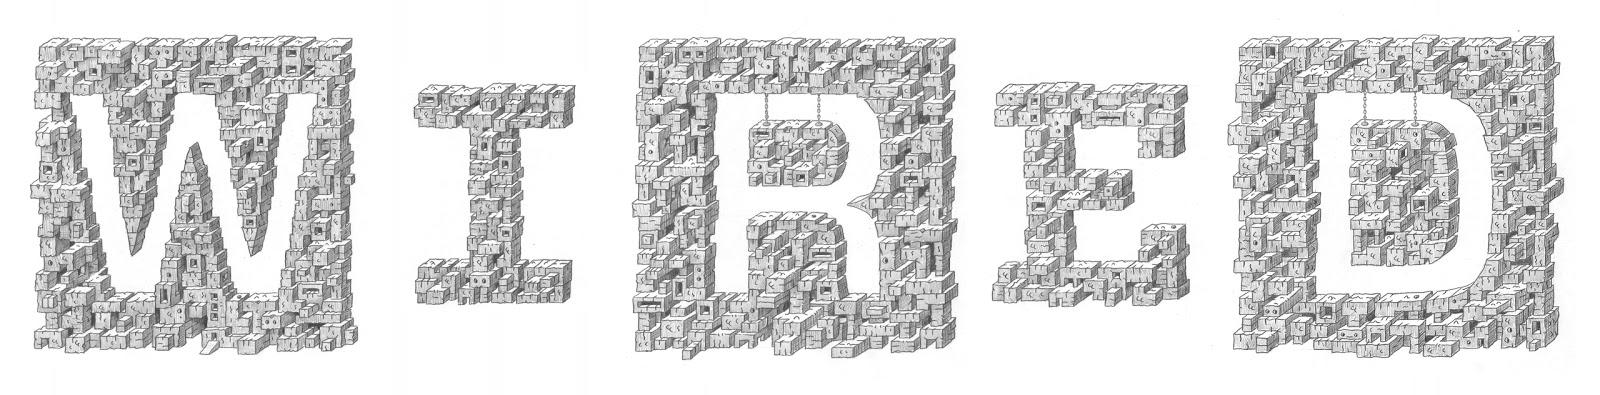 SON OF THE FOREST: Wired Magazine UK logo reinterpretation